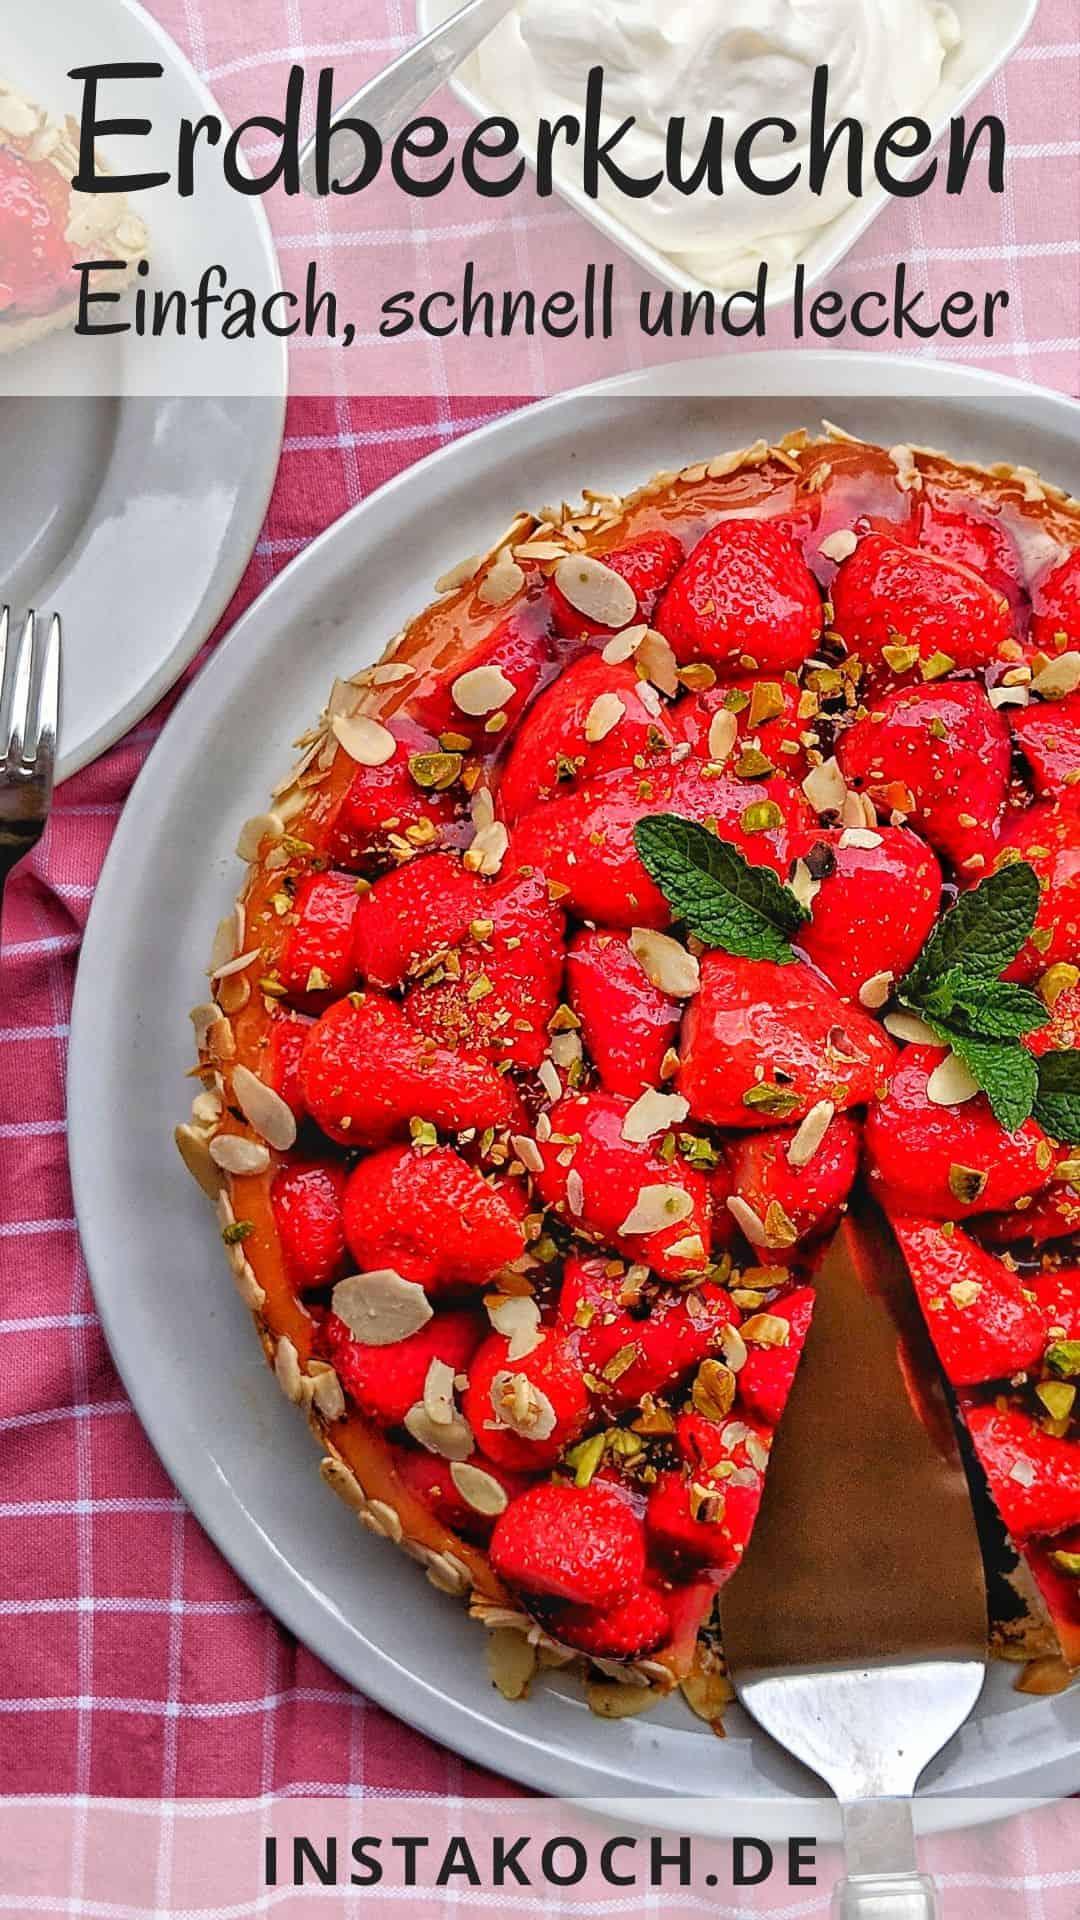 Ein heller Teller mit einem Erdbeerkuchen. Daneben eine Schale mit Schlagsahne und ein Teller mit einem Stück Kuchen.